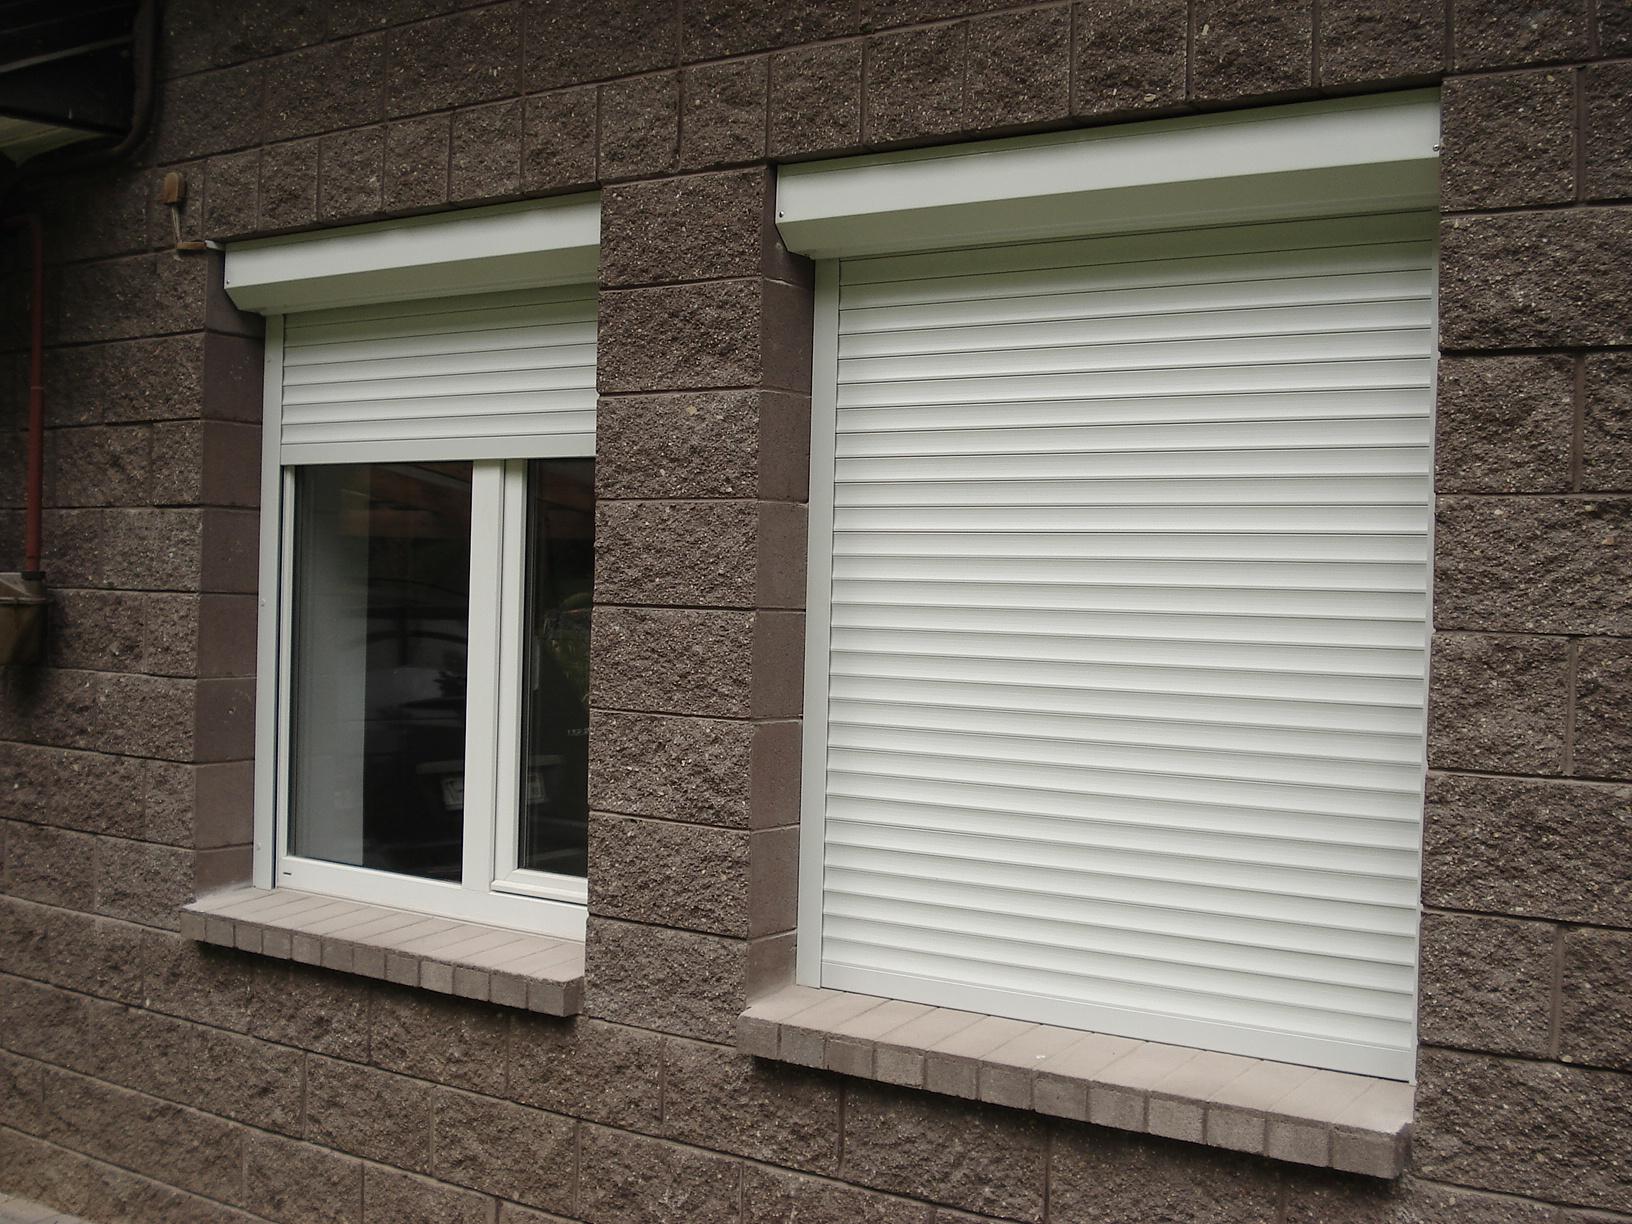 Уличные защитные жалюзи на окна (рафшторы) | а за окном